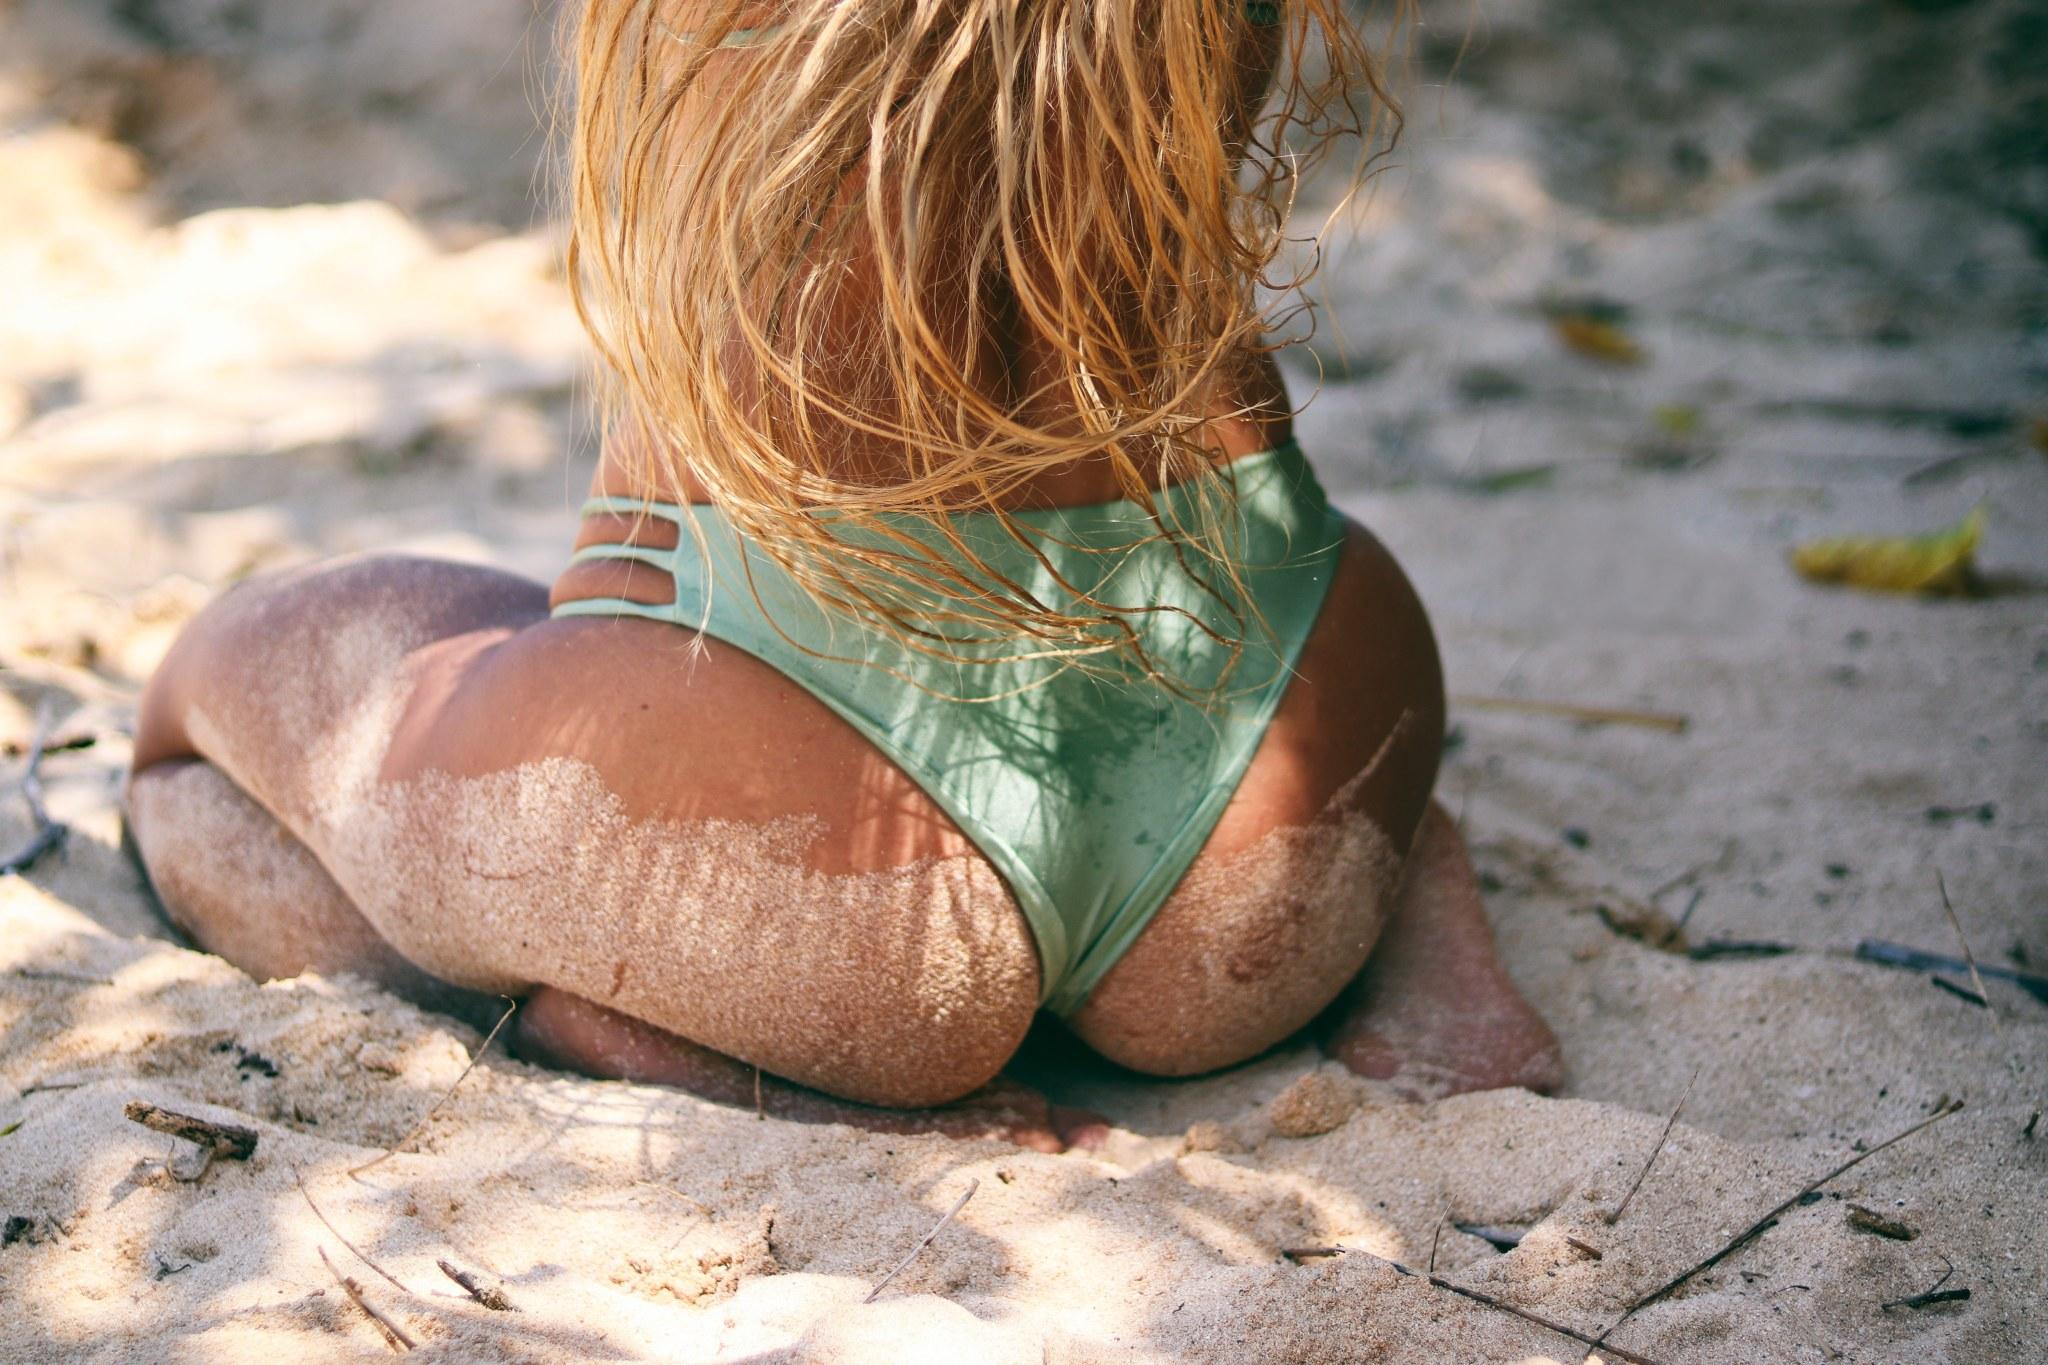 Gesäss von Frau, die am Strand sitzt